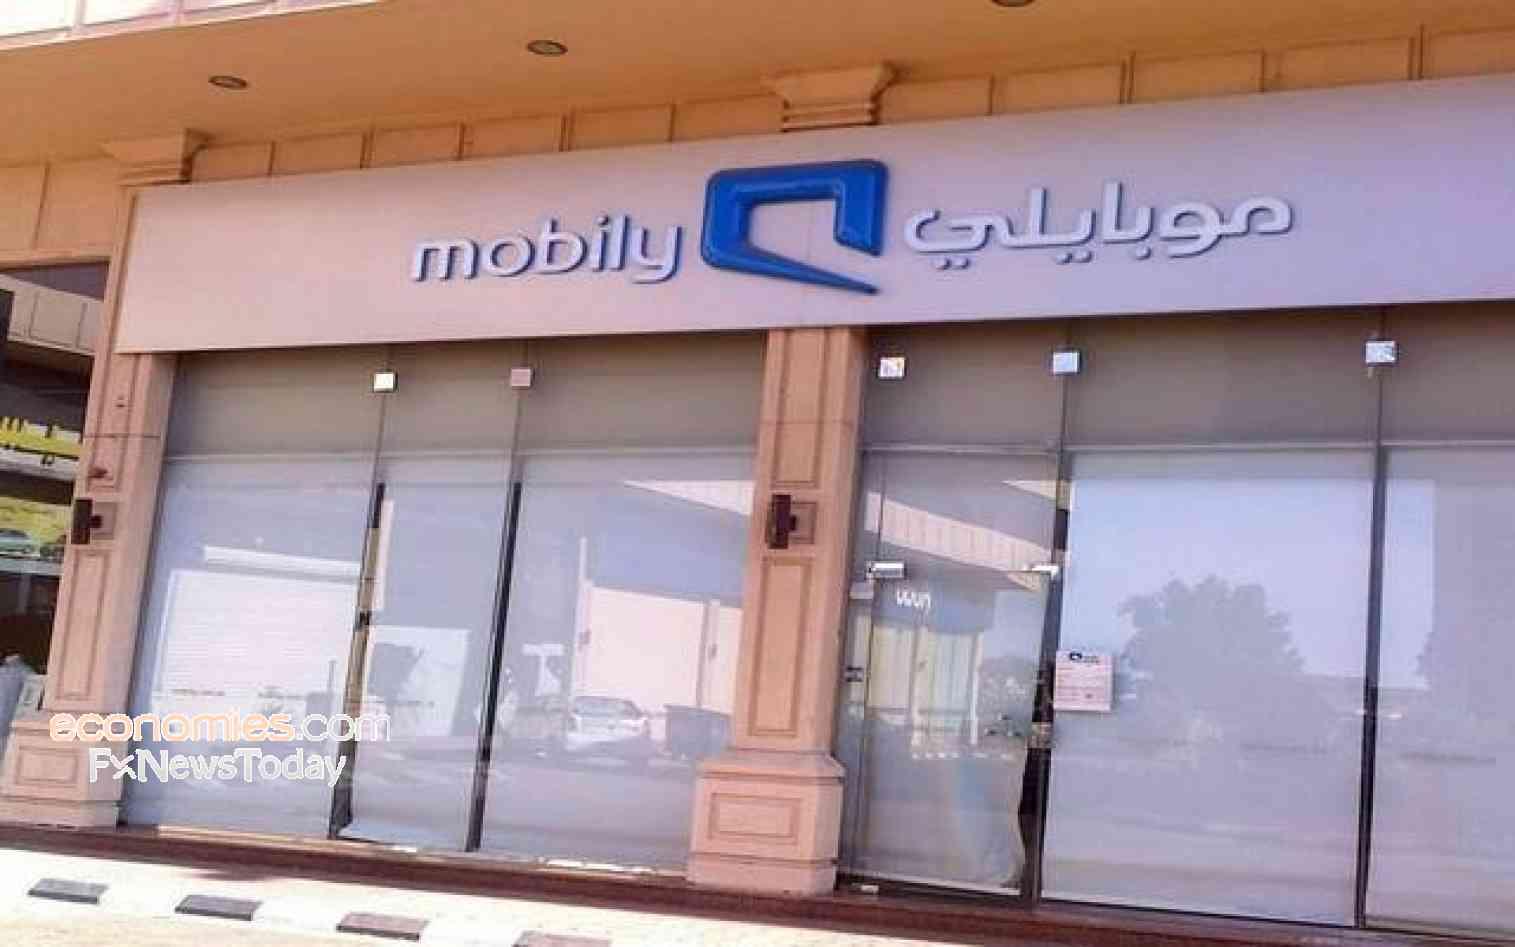 Mobily says telecom regulator's suspension still valid